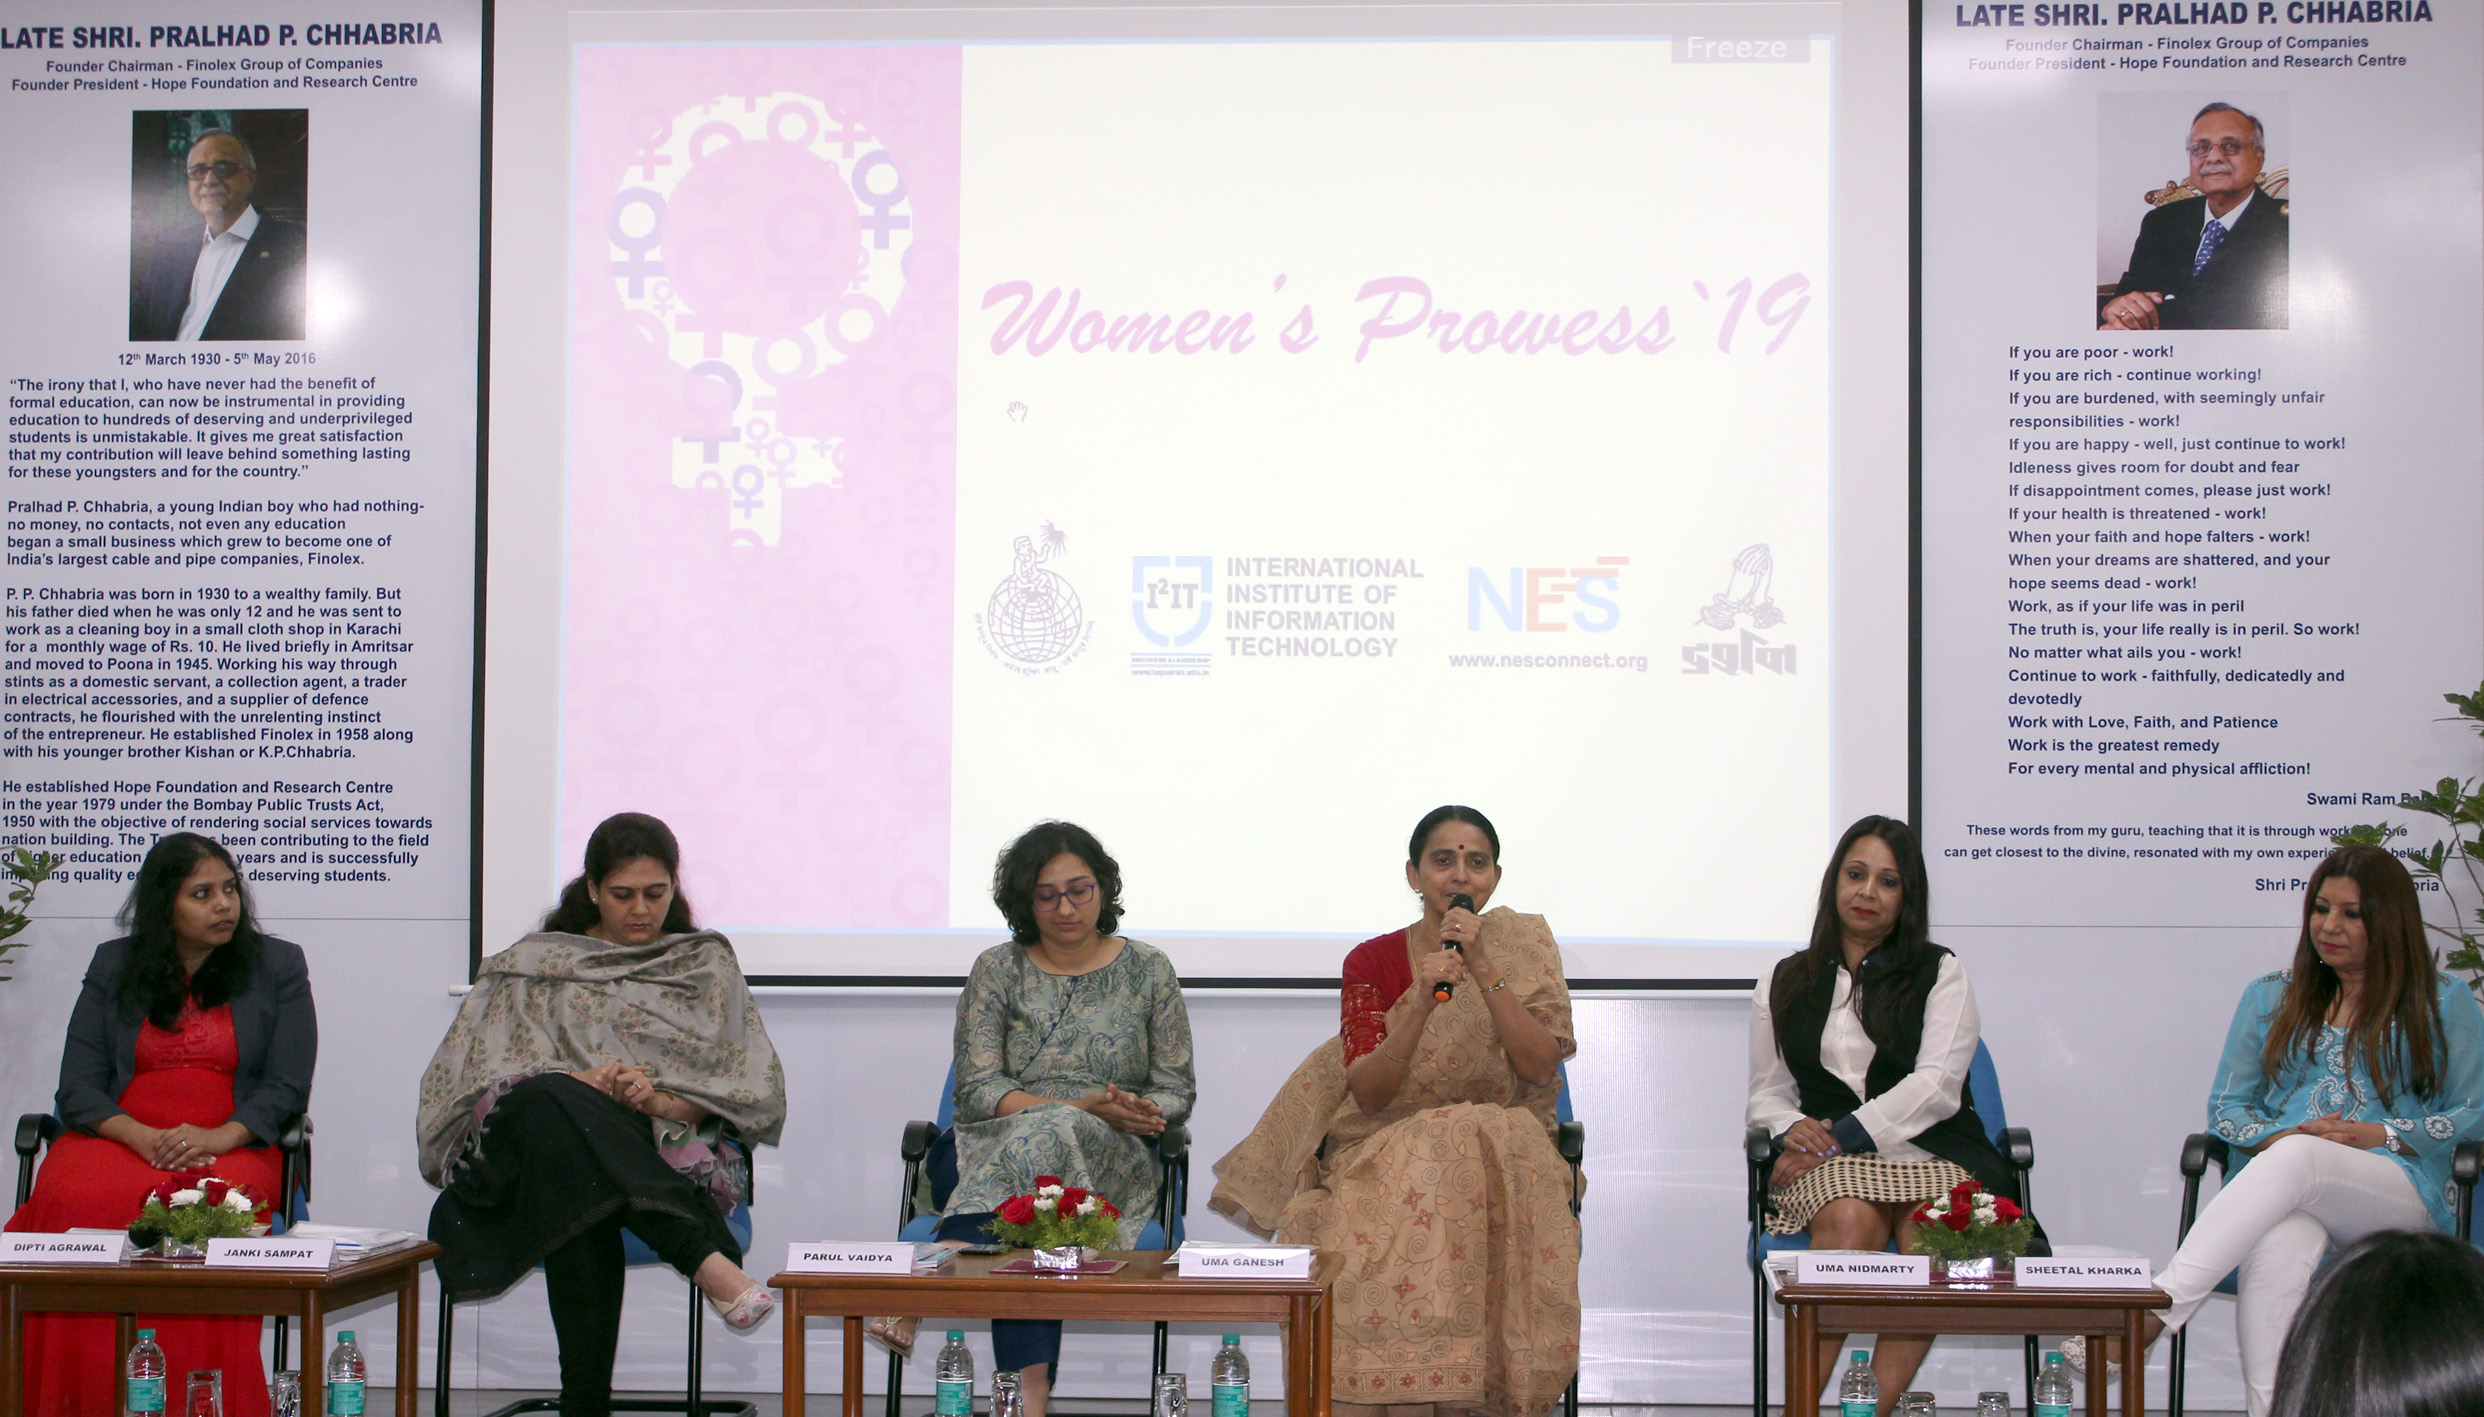 यशस्वीतेसाठी इच्छाशक्ती, आत्मविश्वास महत्वपूर्ण -डॉ. अनुराग बत्रा